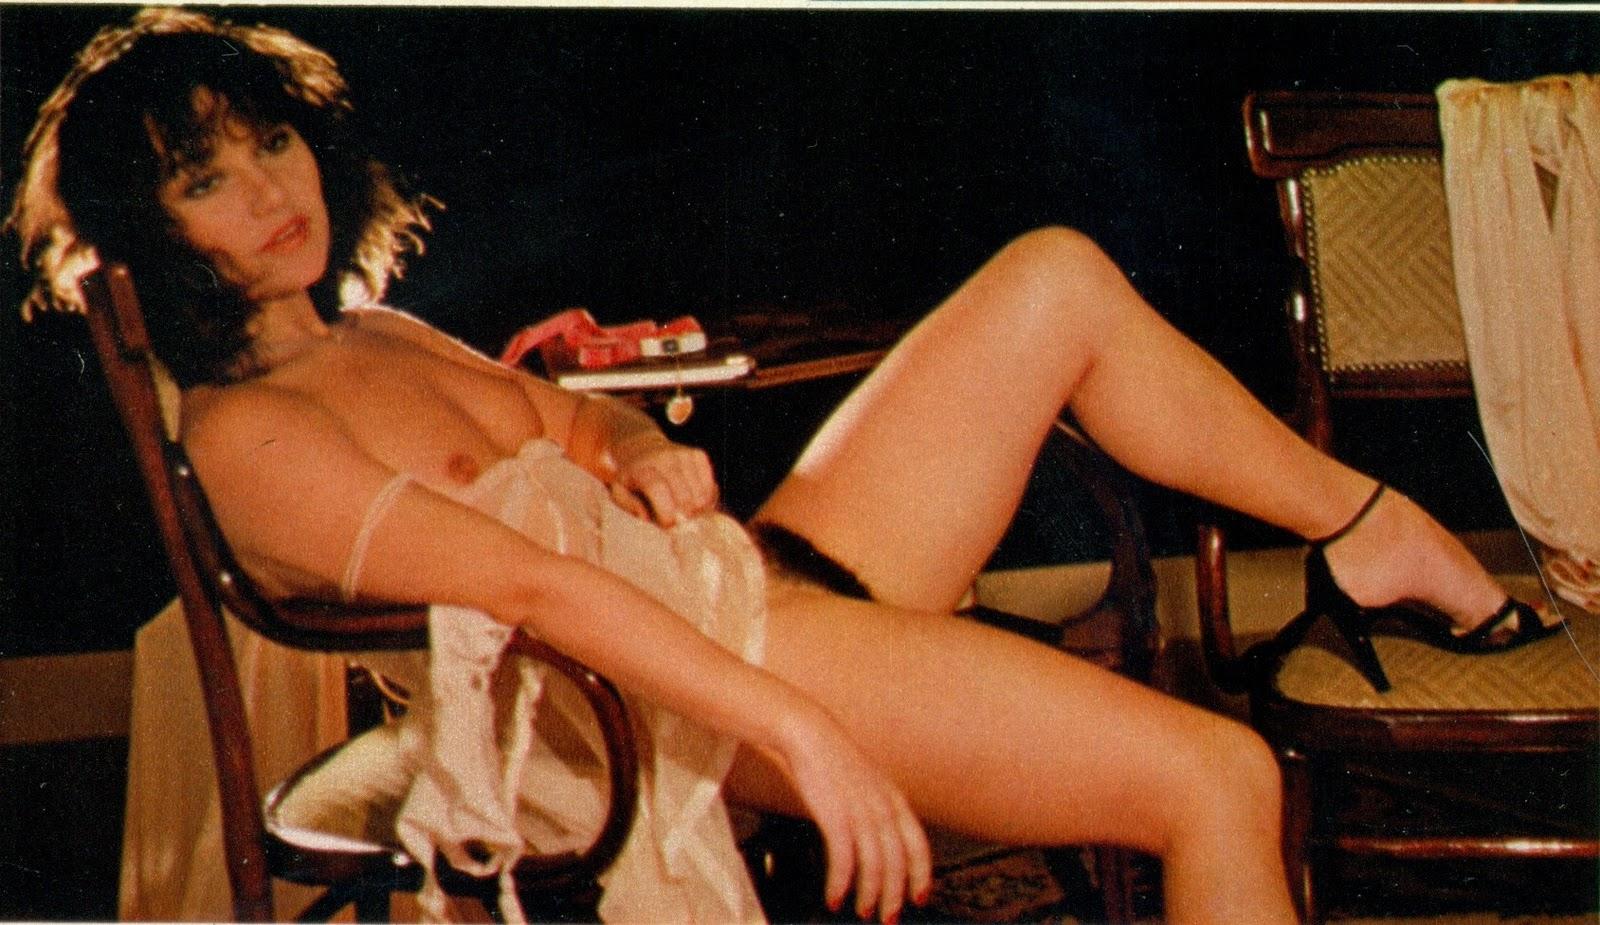 Anne parillaud nude le battant 1983 - 4 9